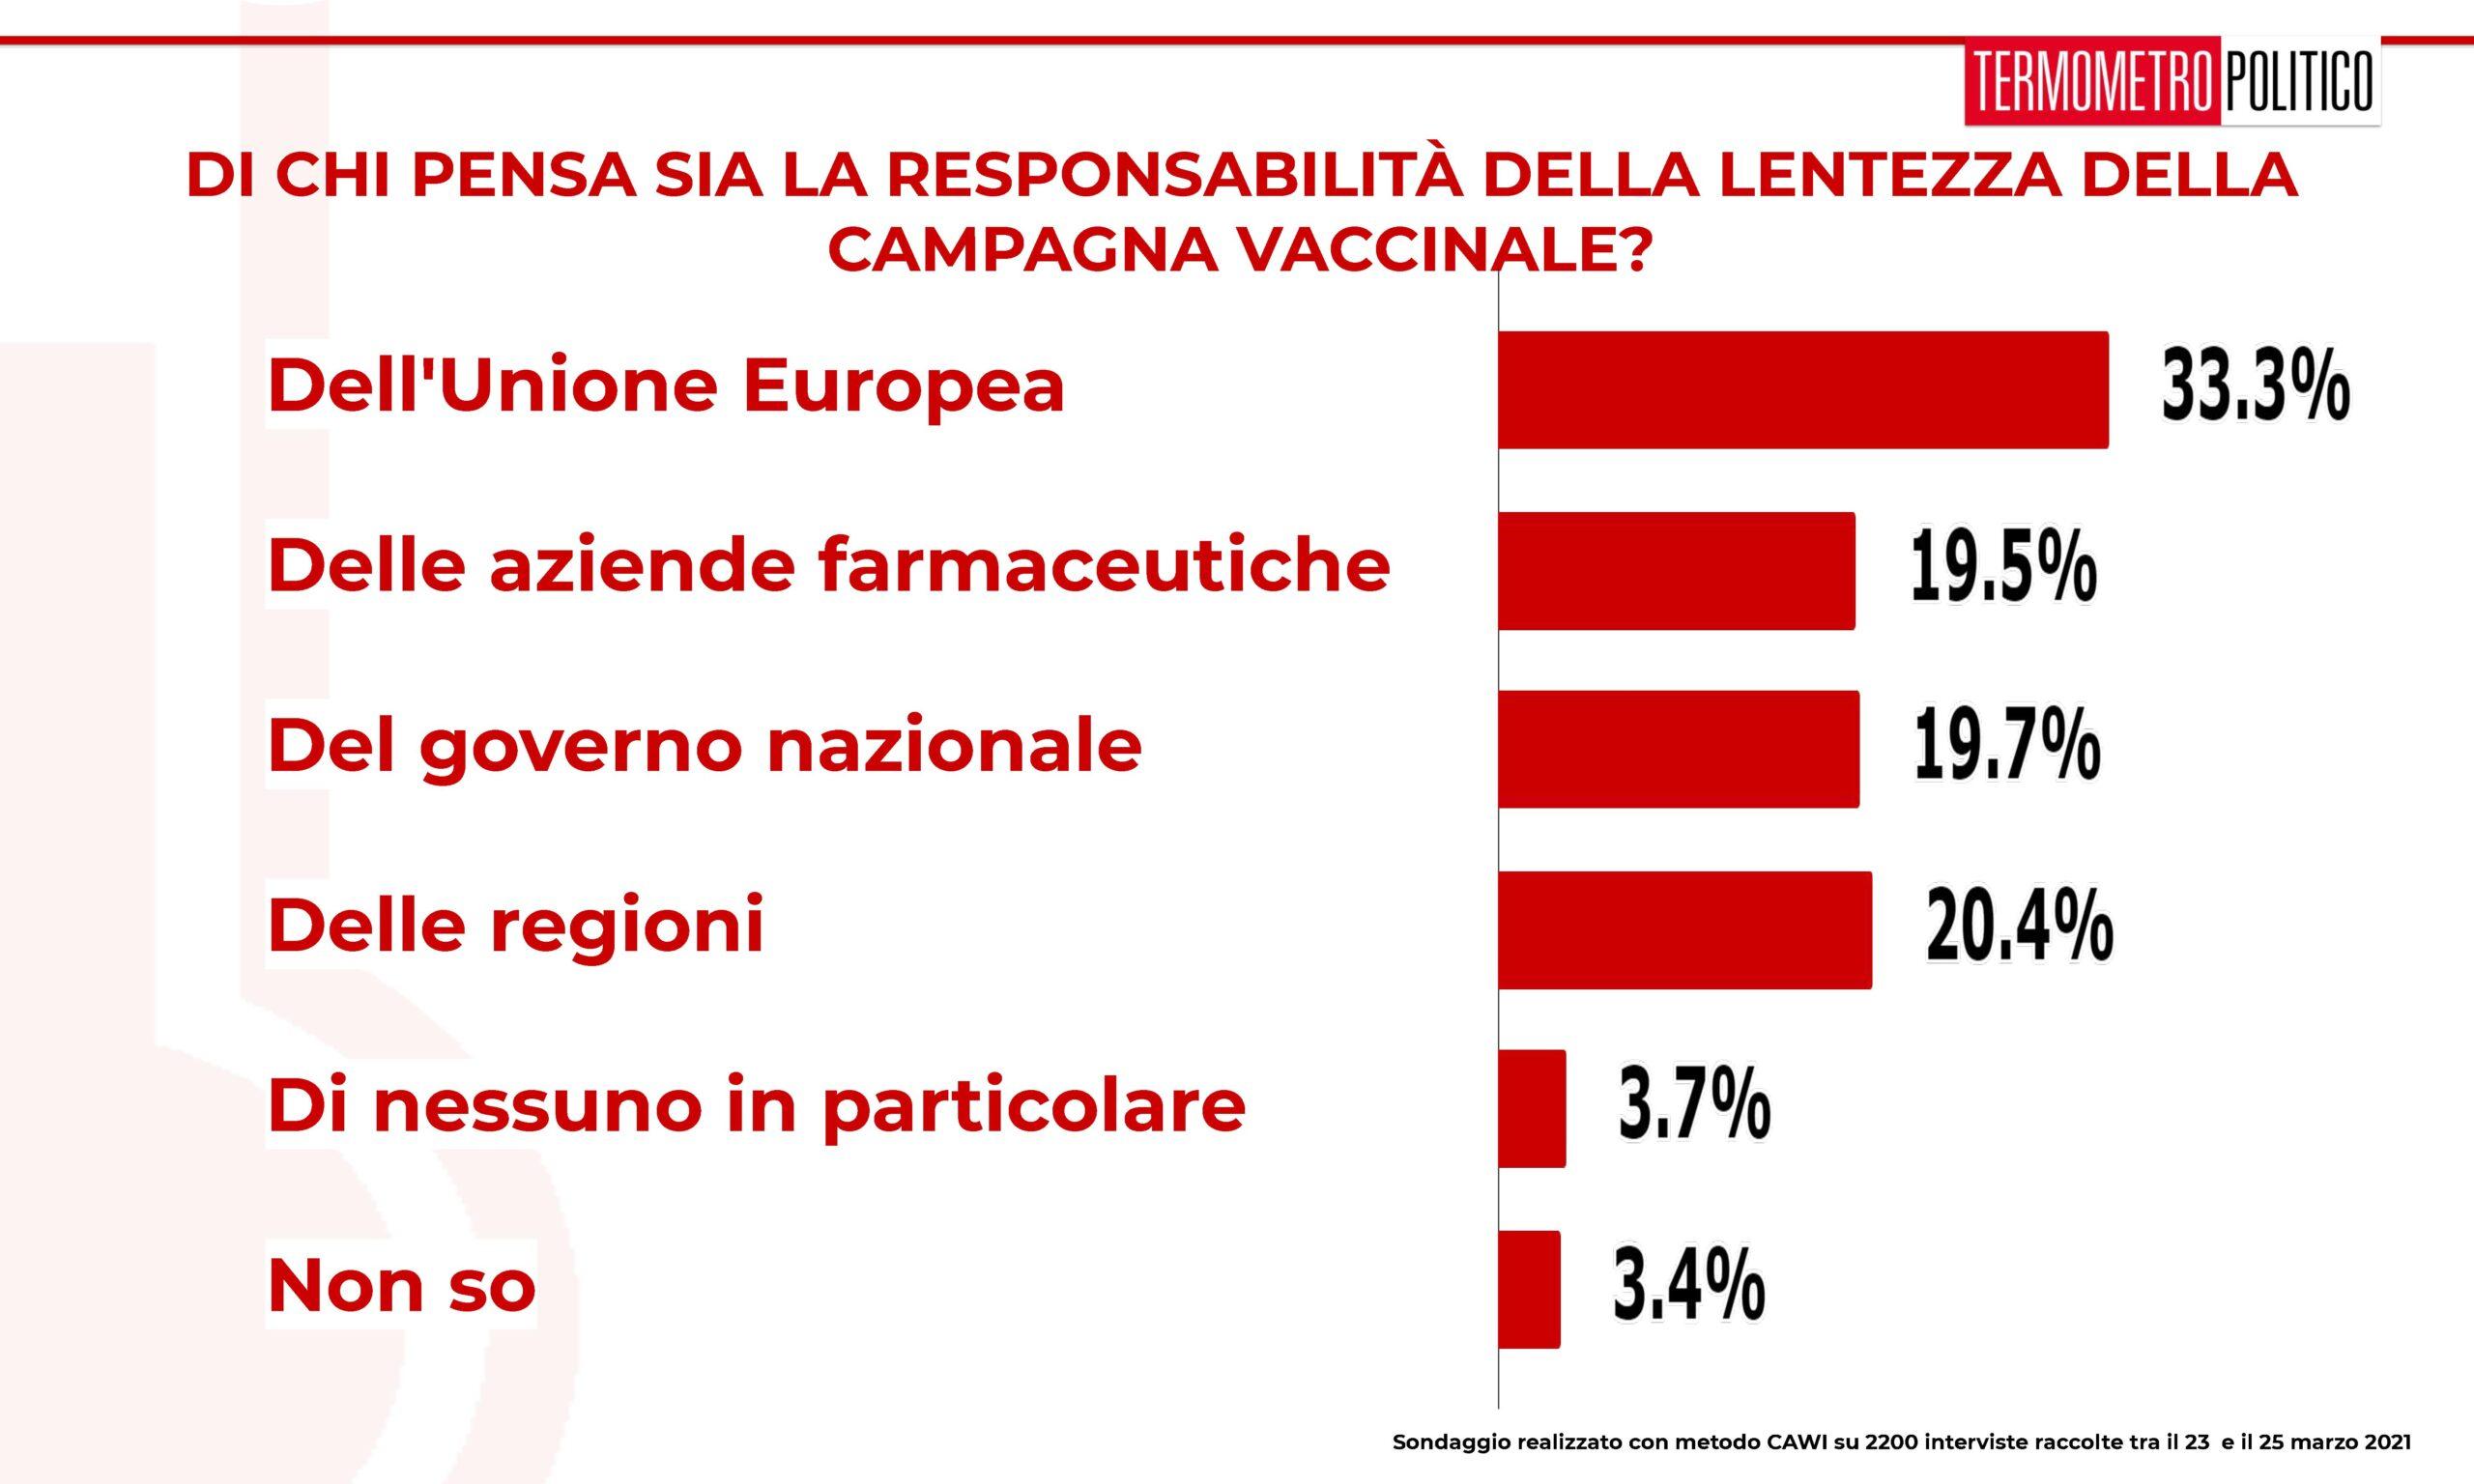 ultimi sondaggi tp, lentezza campagna vaccinale